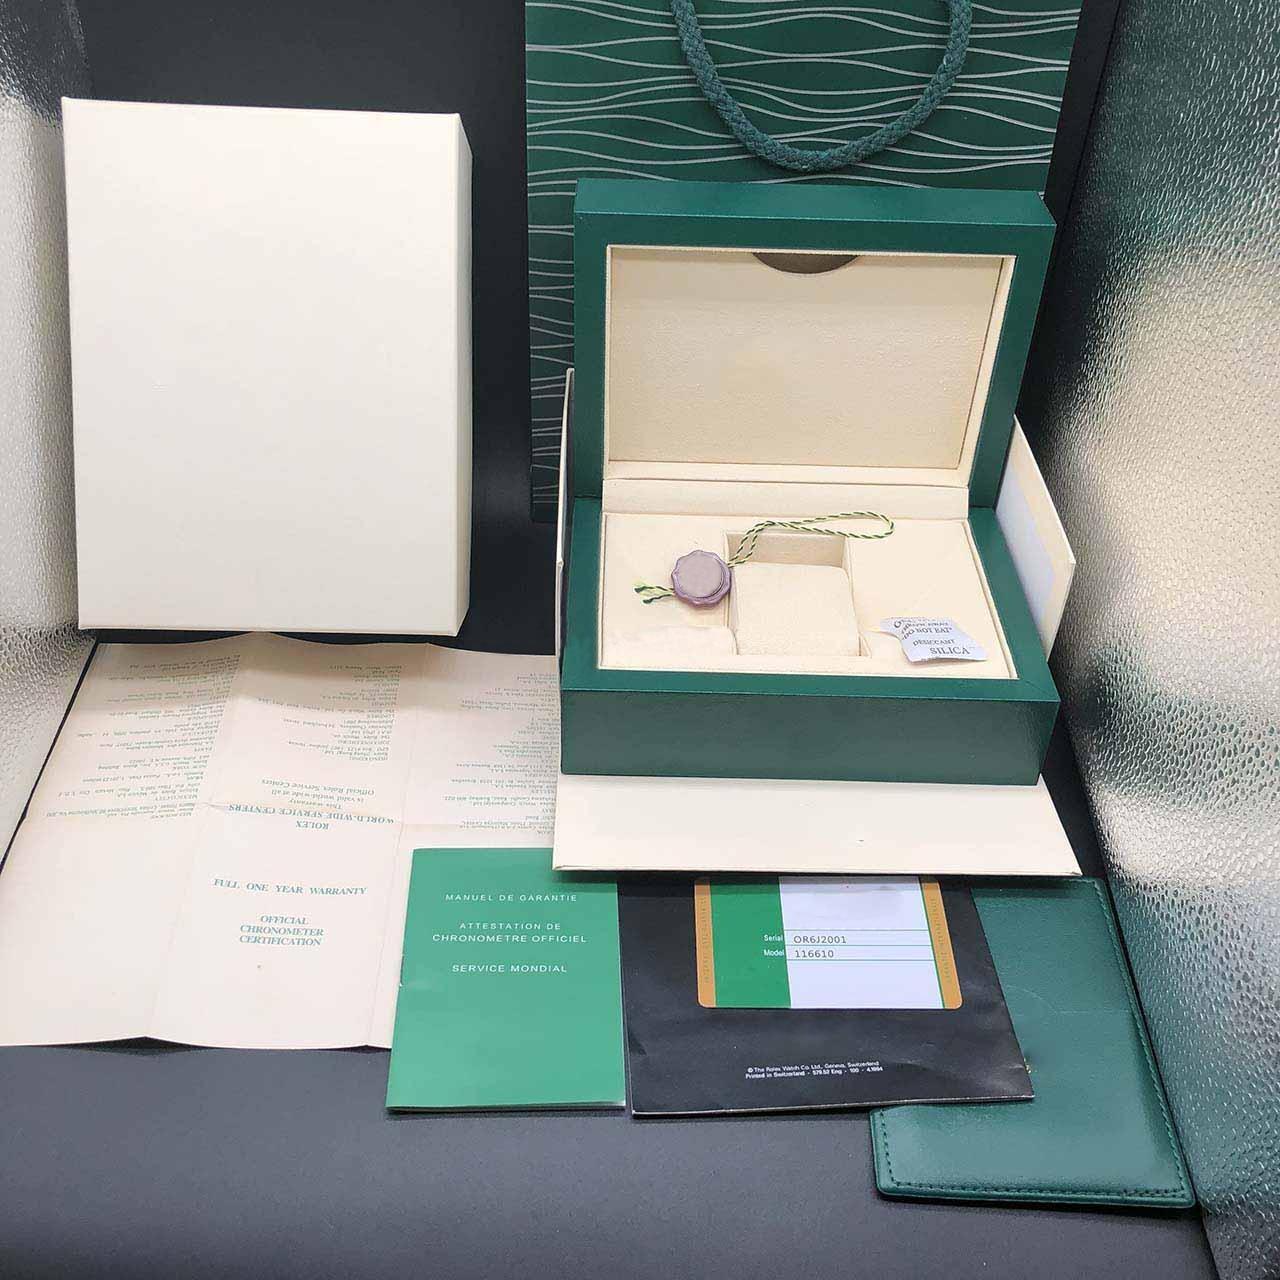 ساعة فاخرة عالية الجودة ماركة خضراء أصلية صندوق رجالي ساعات صناديق جلدية حقيبة بطاقة العلامات أوراق باللغة الإنجليزية لعام 116610